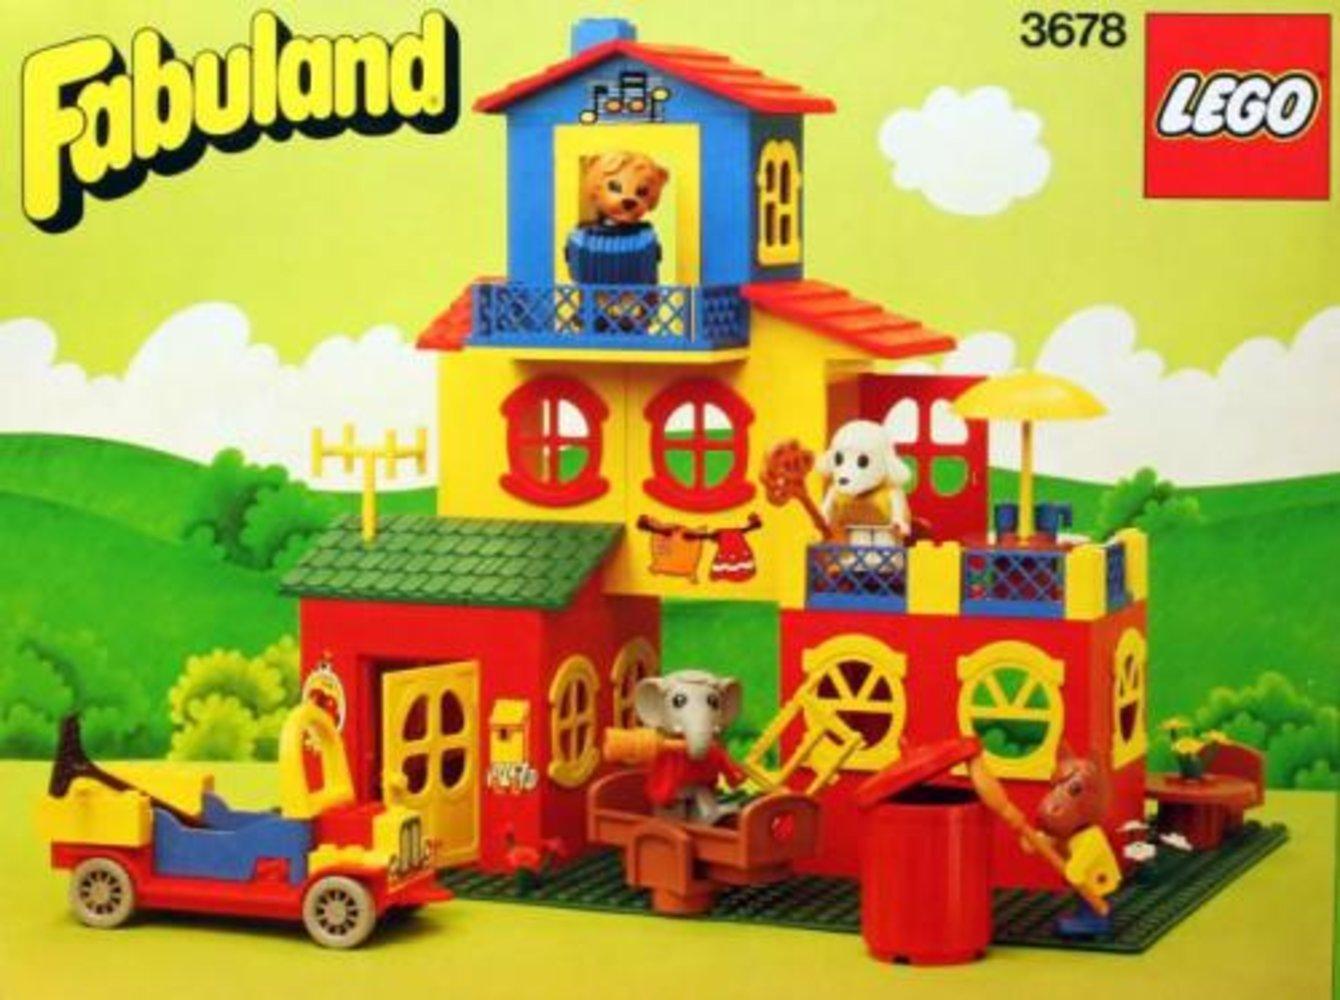 The Fabuland House